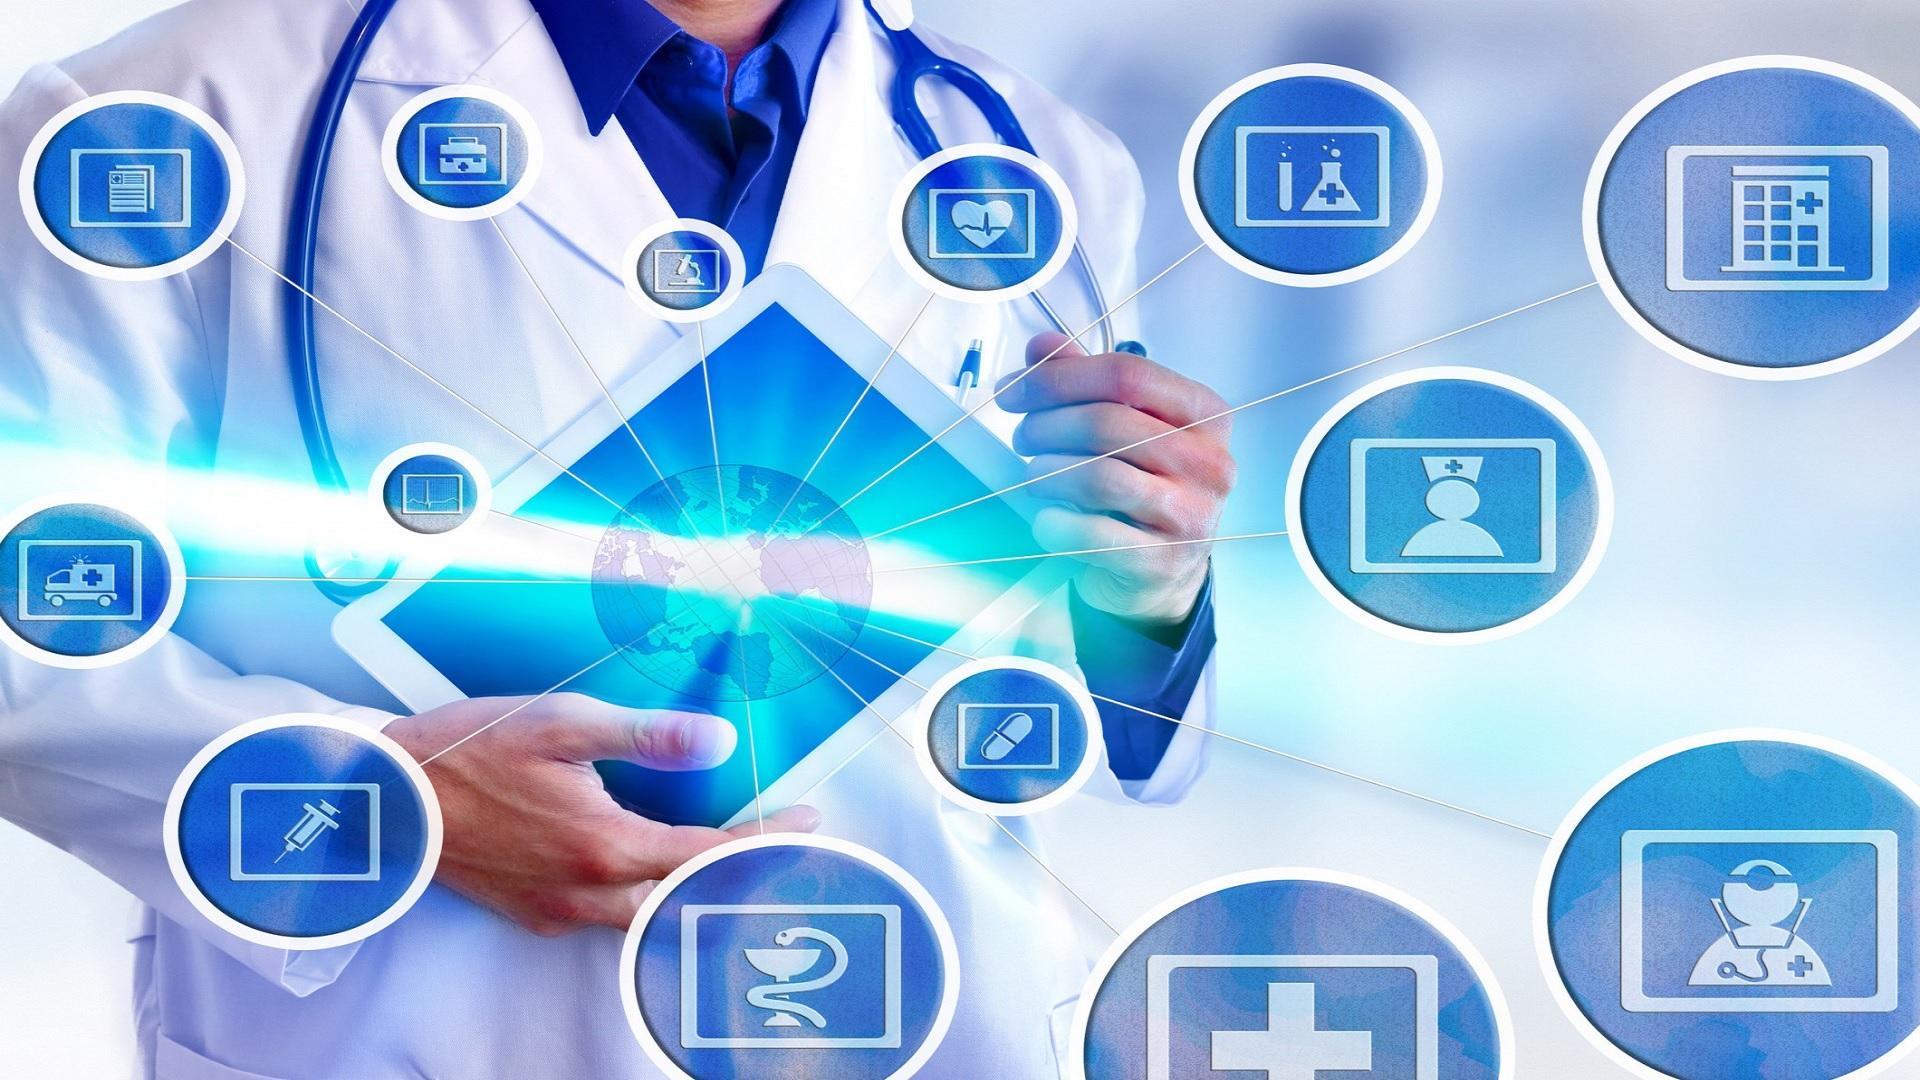 Η ιχνηλάτηση επαφών 'σπάει' το απόρρητο των ιατρικών δεδομένων